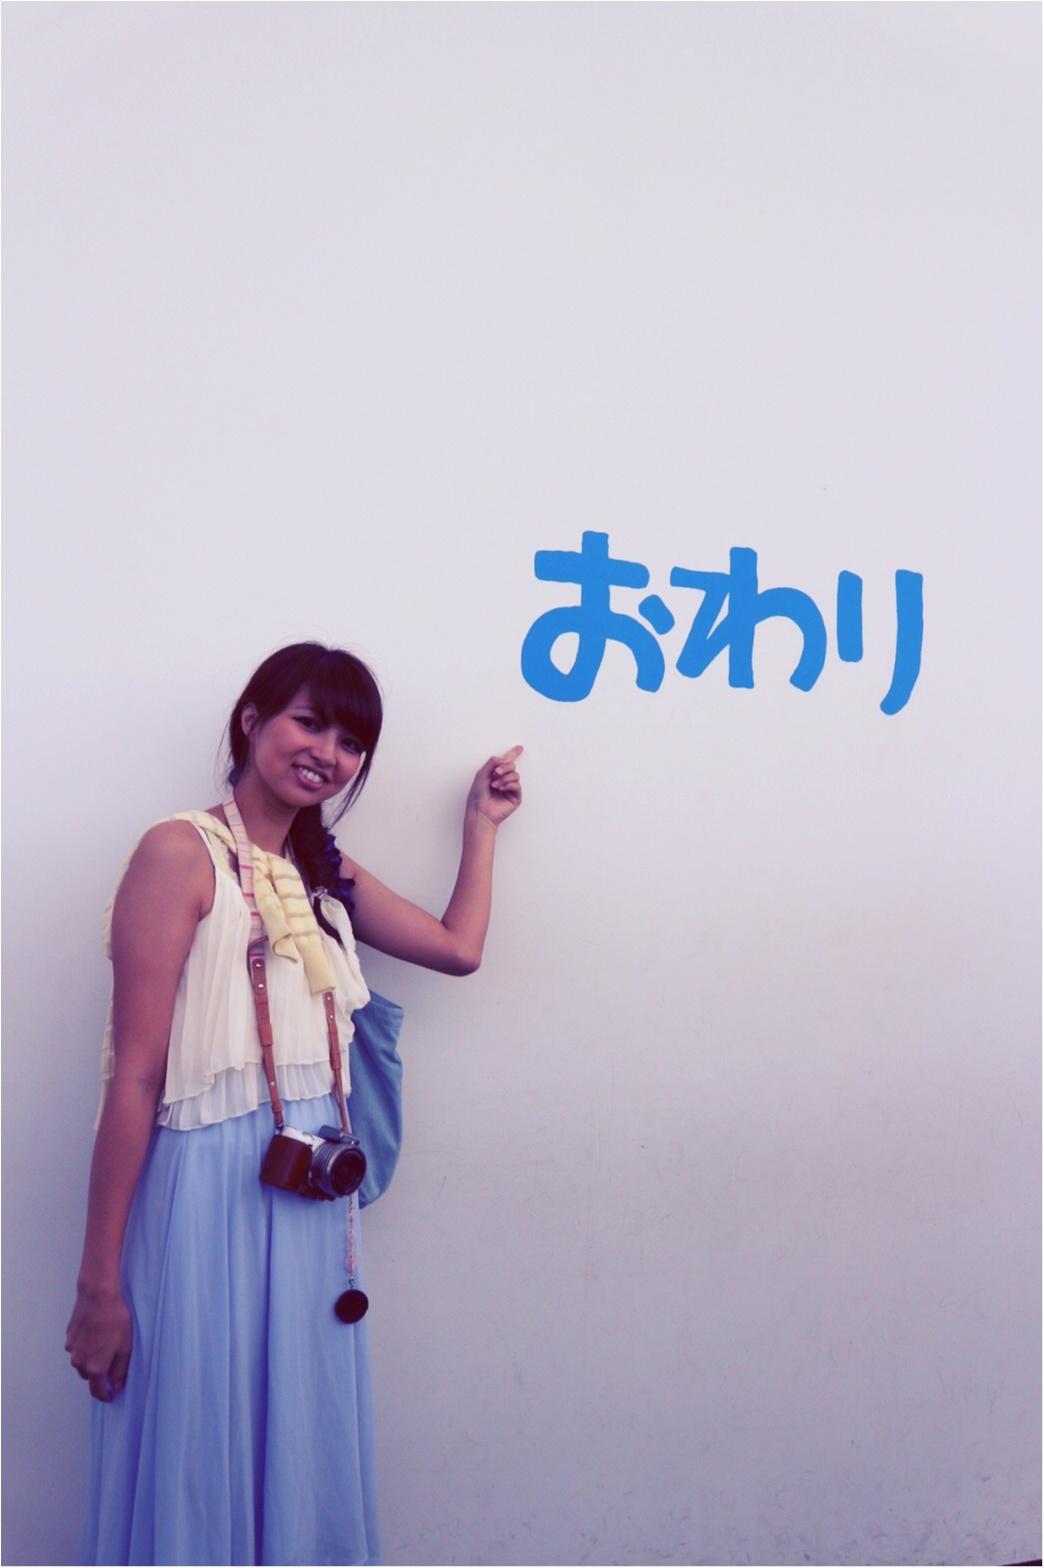 今年の夏はヒルズでジブリ!モアハピメンバーと過ごす夏休み♡カキ氷も☻_9